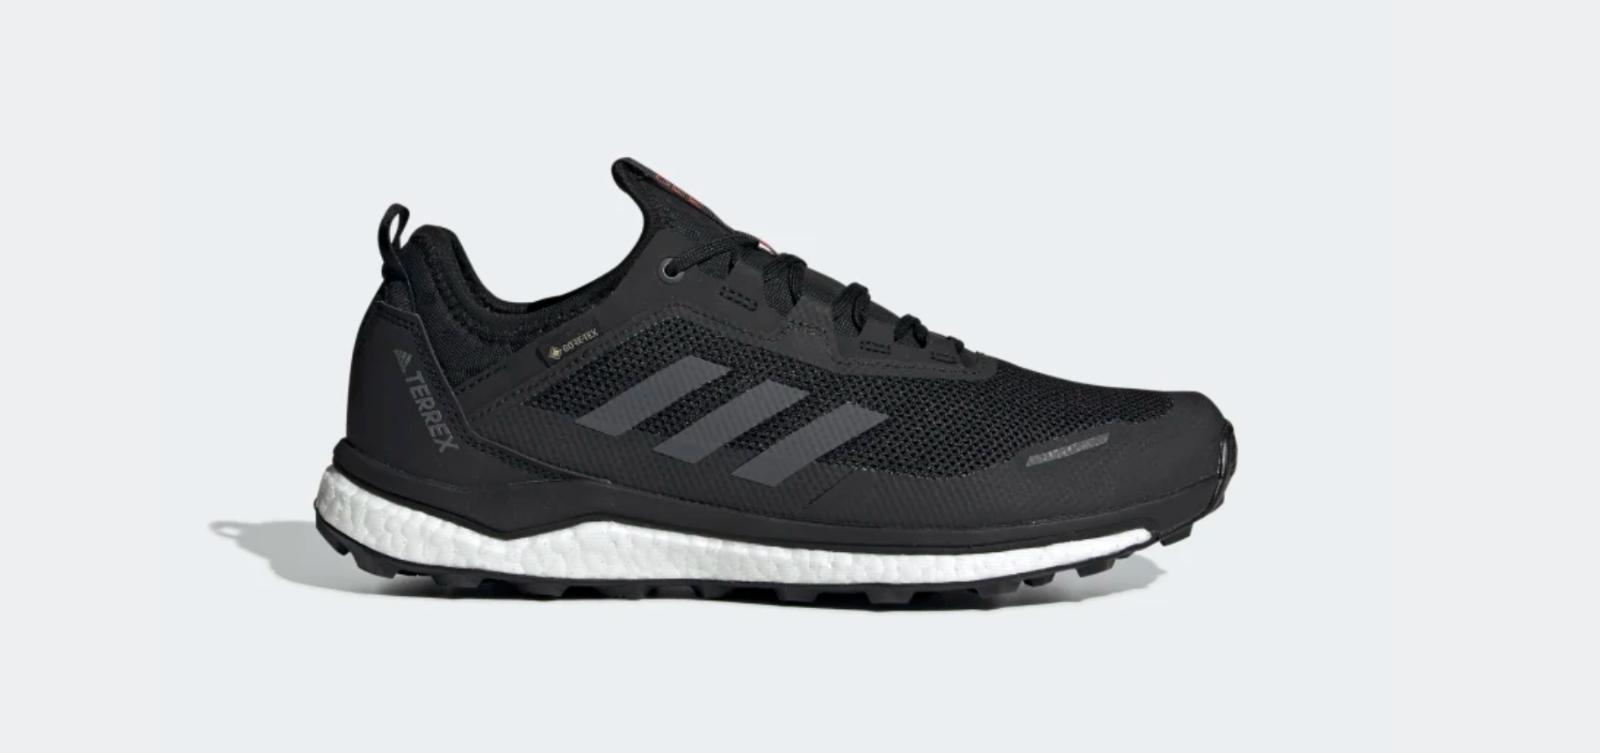 Año Nuevo Lunar limpiador autopista  Adidas shoes mens Terrex Agravic GTX for sale online | eBay